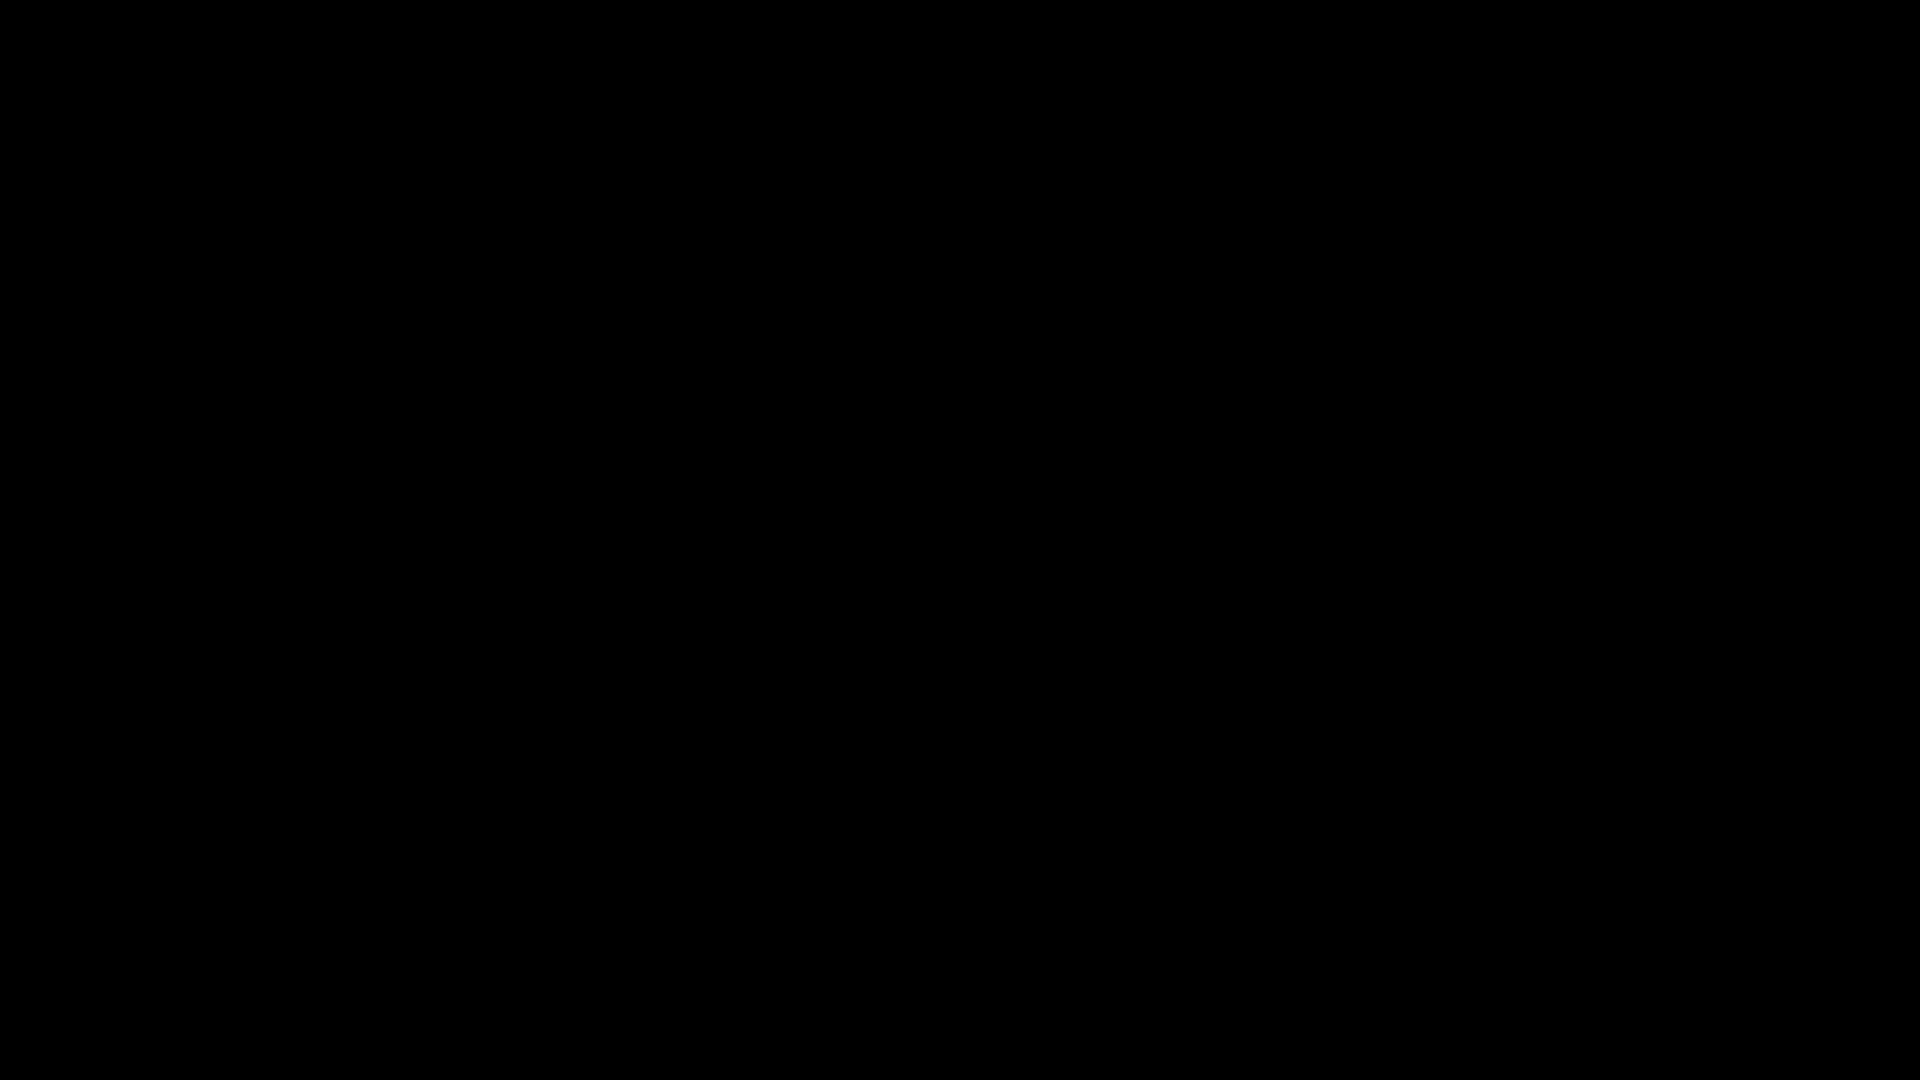 高画質露天女風呂観察 vol.032 美しいOLの裸体 AV無料動画キャプチャ 83pic 16